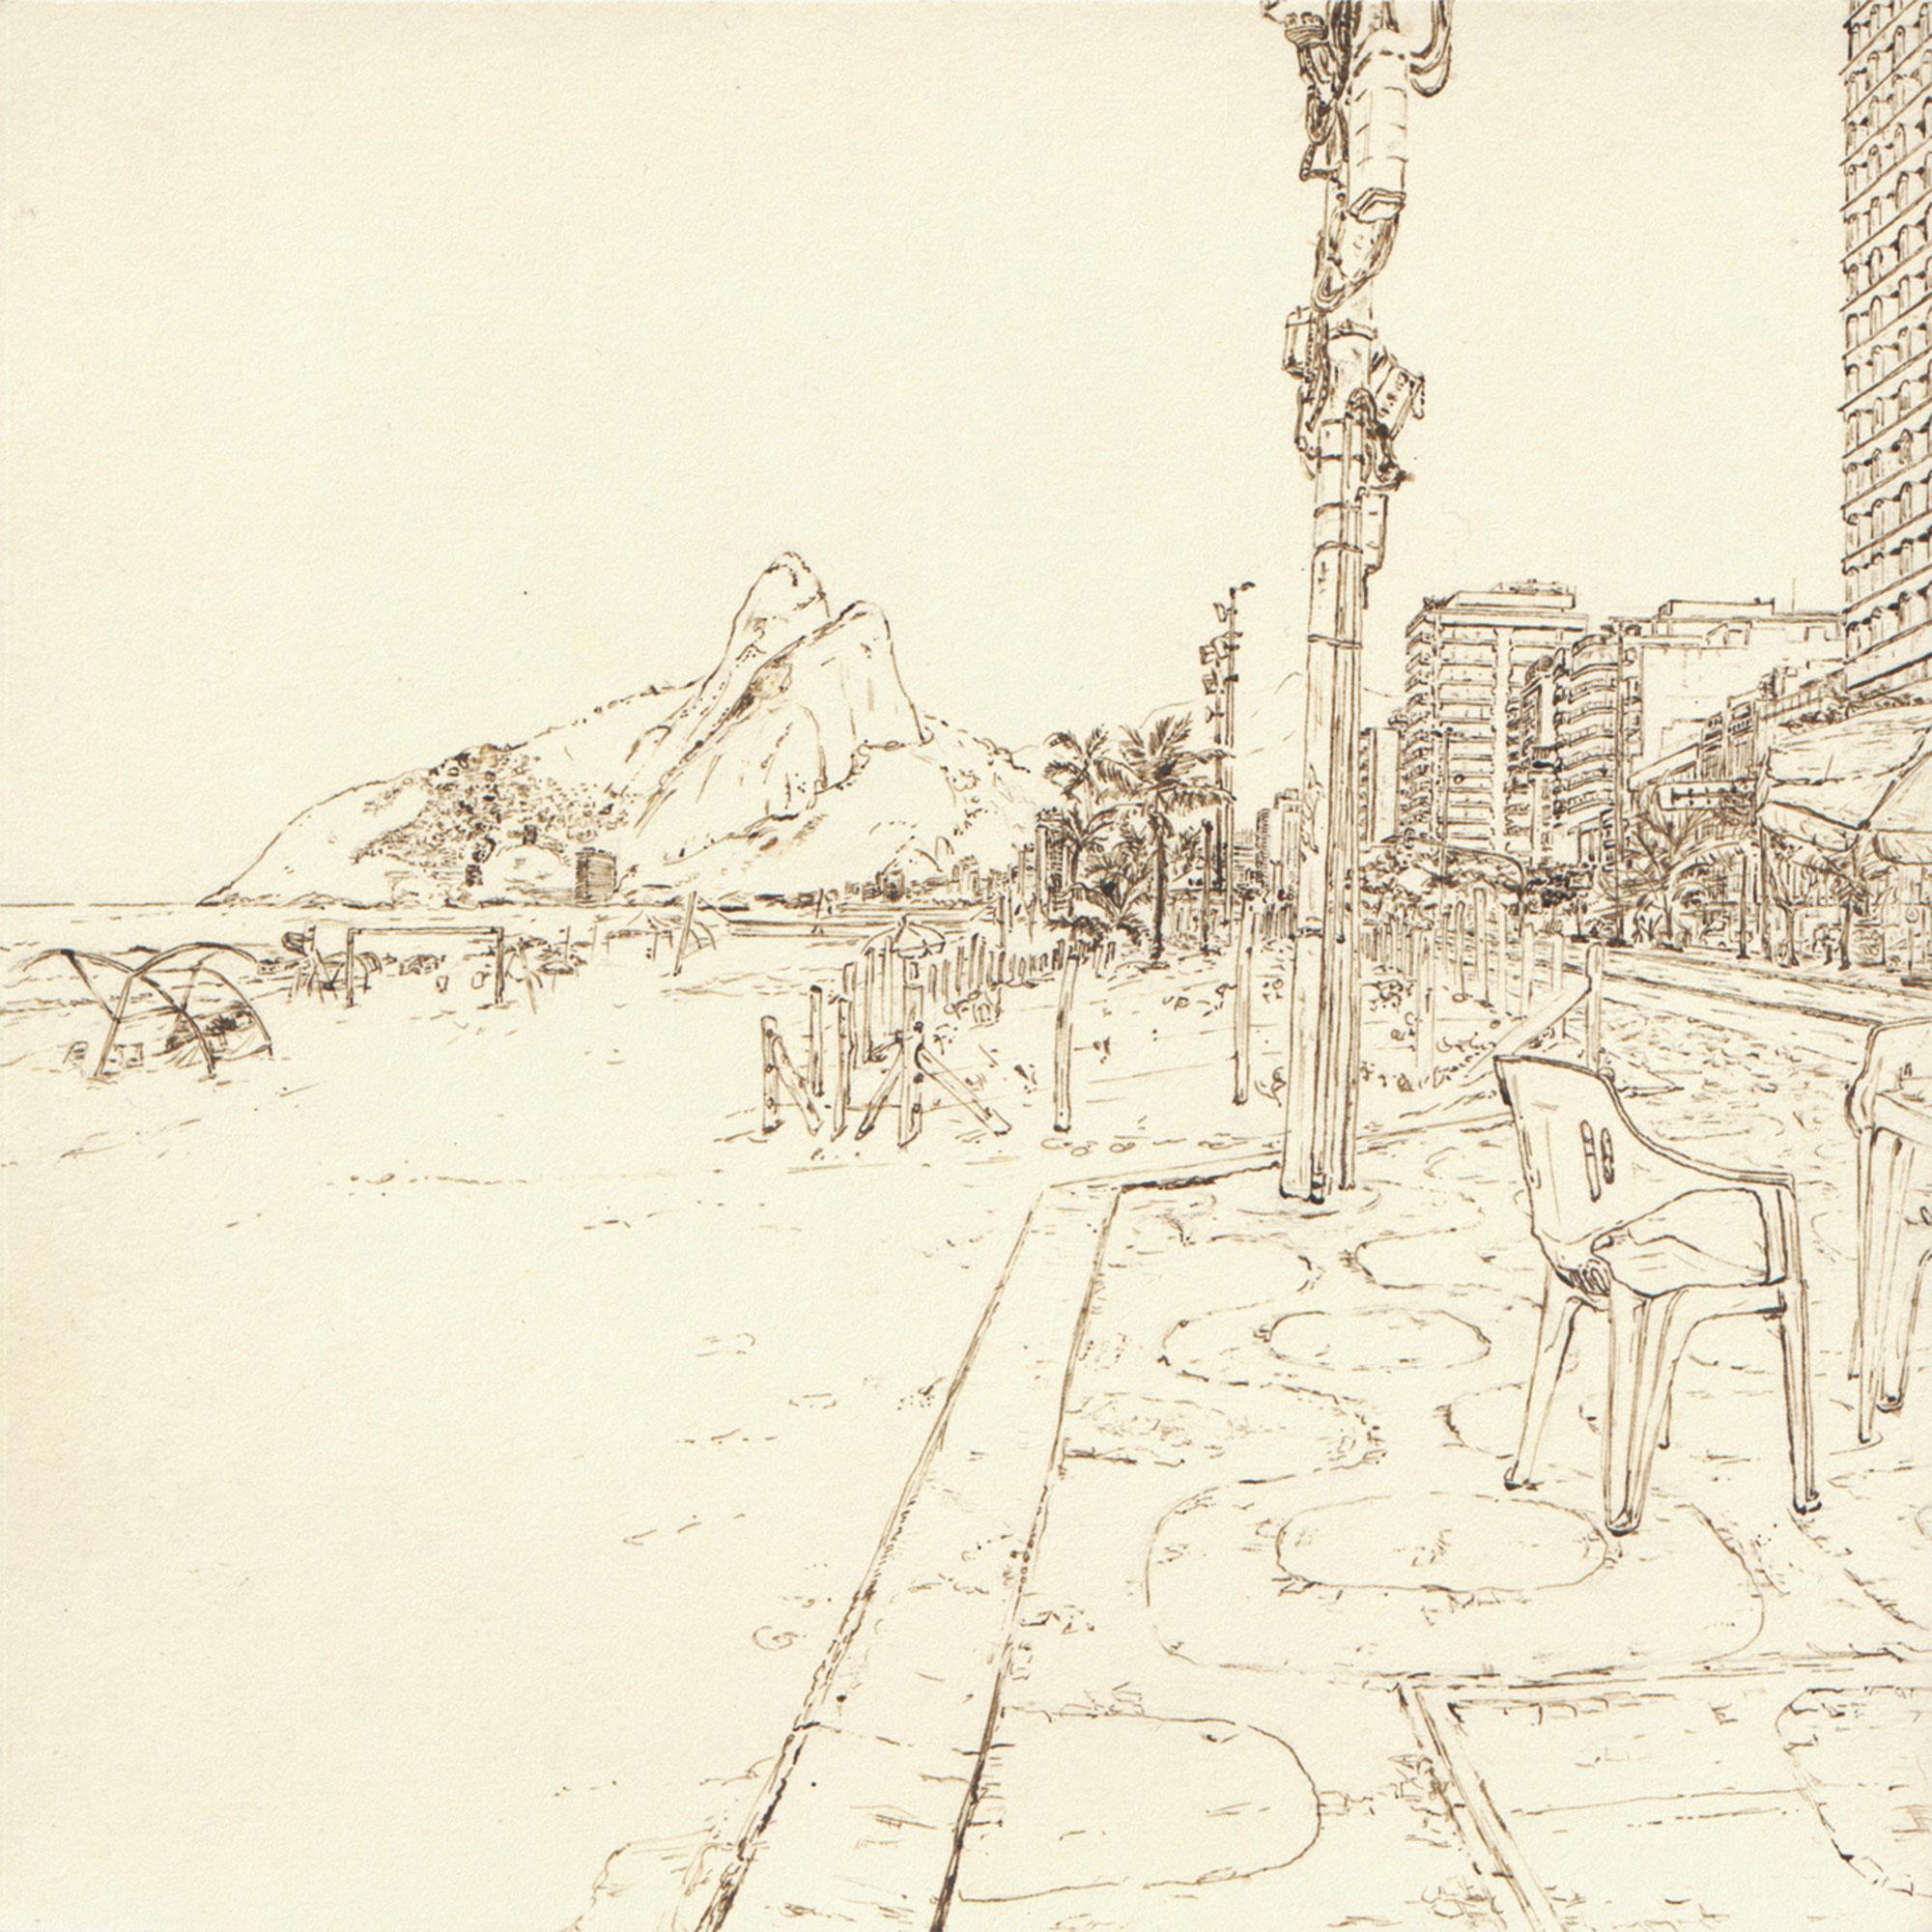 Ipanema Rio de Janeiro April 12